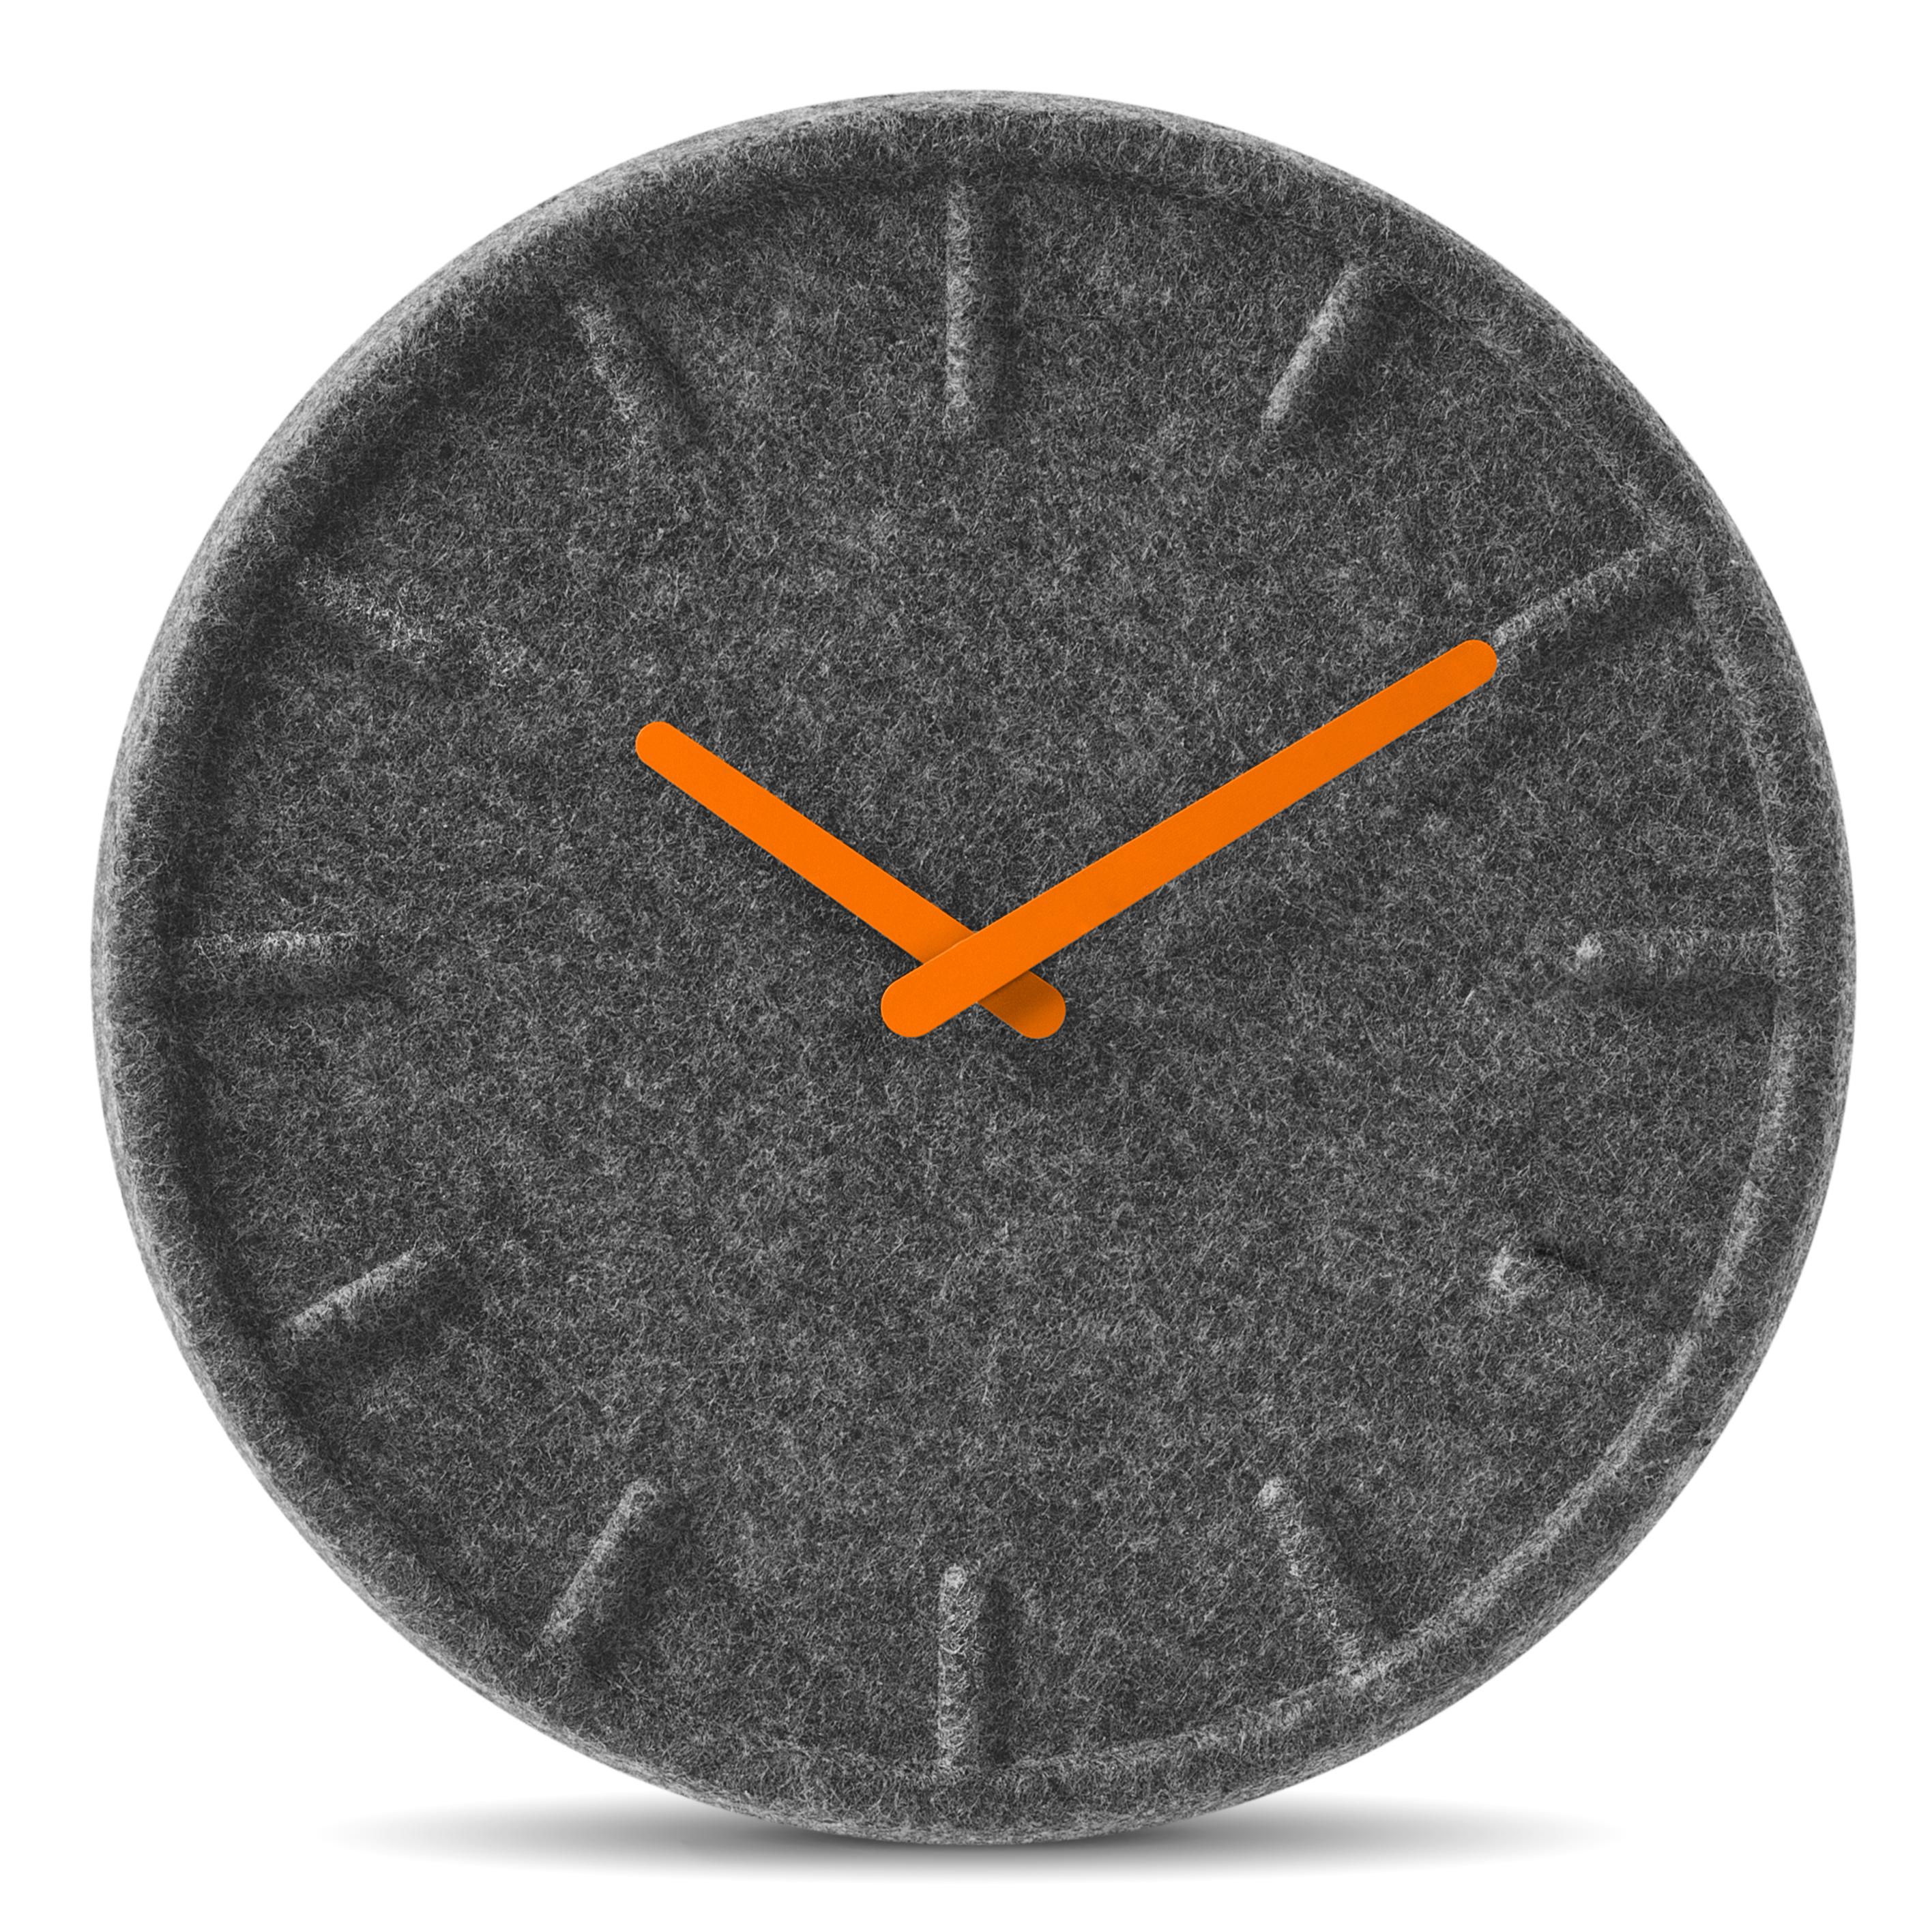 wanduhr felt35 flock orange designer wanduhren wanduhren wanduhren tischuhren wecker. Black Bedroom Furniture Sets. Home Design Ideas